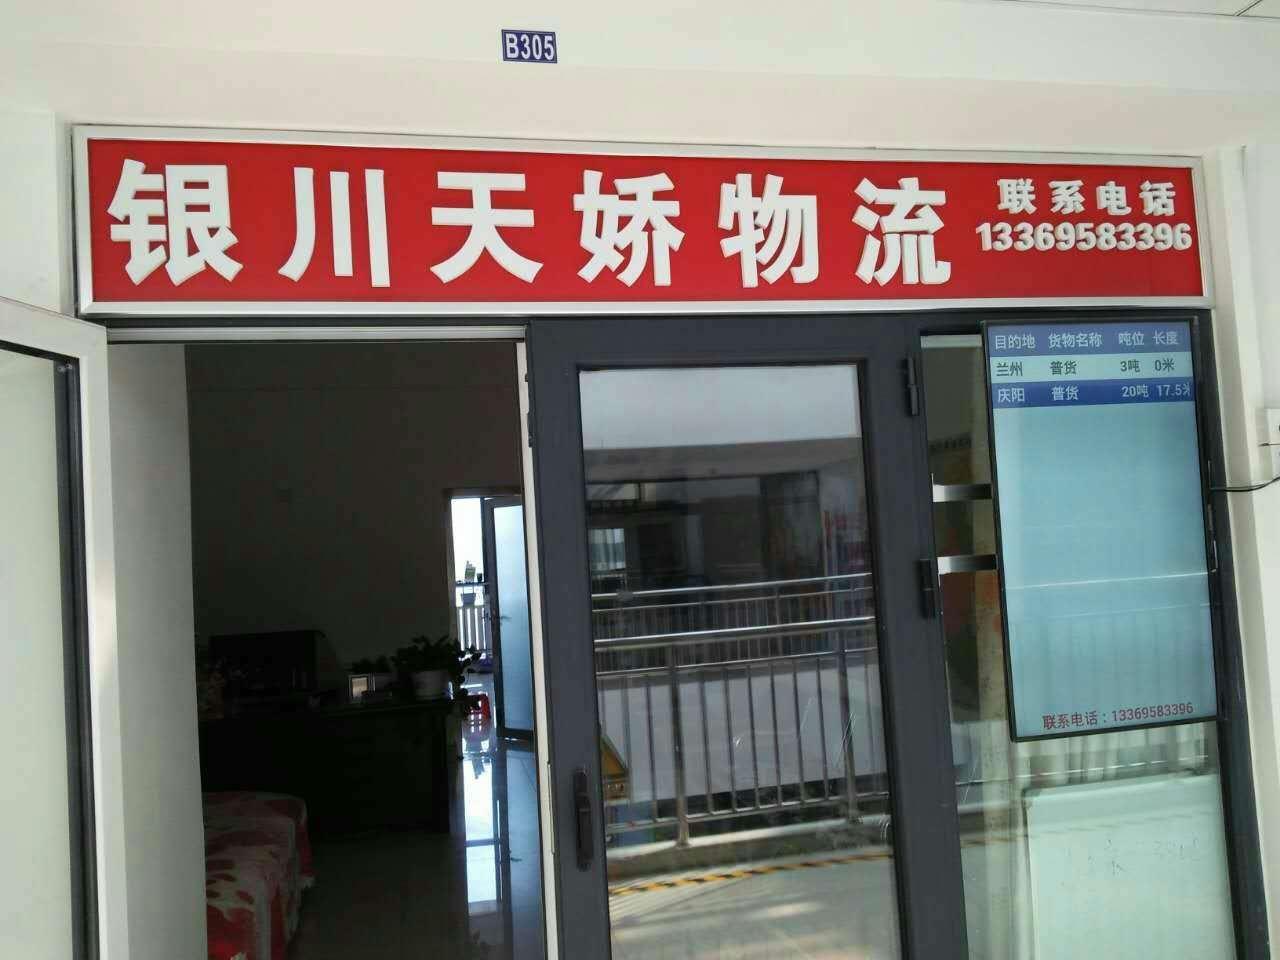 银川到阿克苏物流专线(银川岳彩平货运中心)